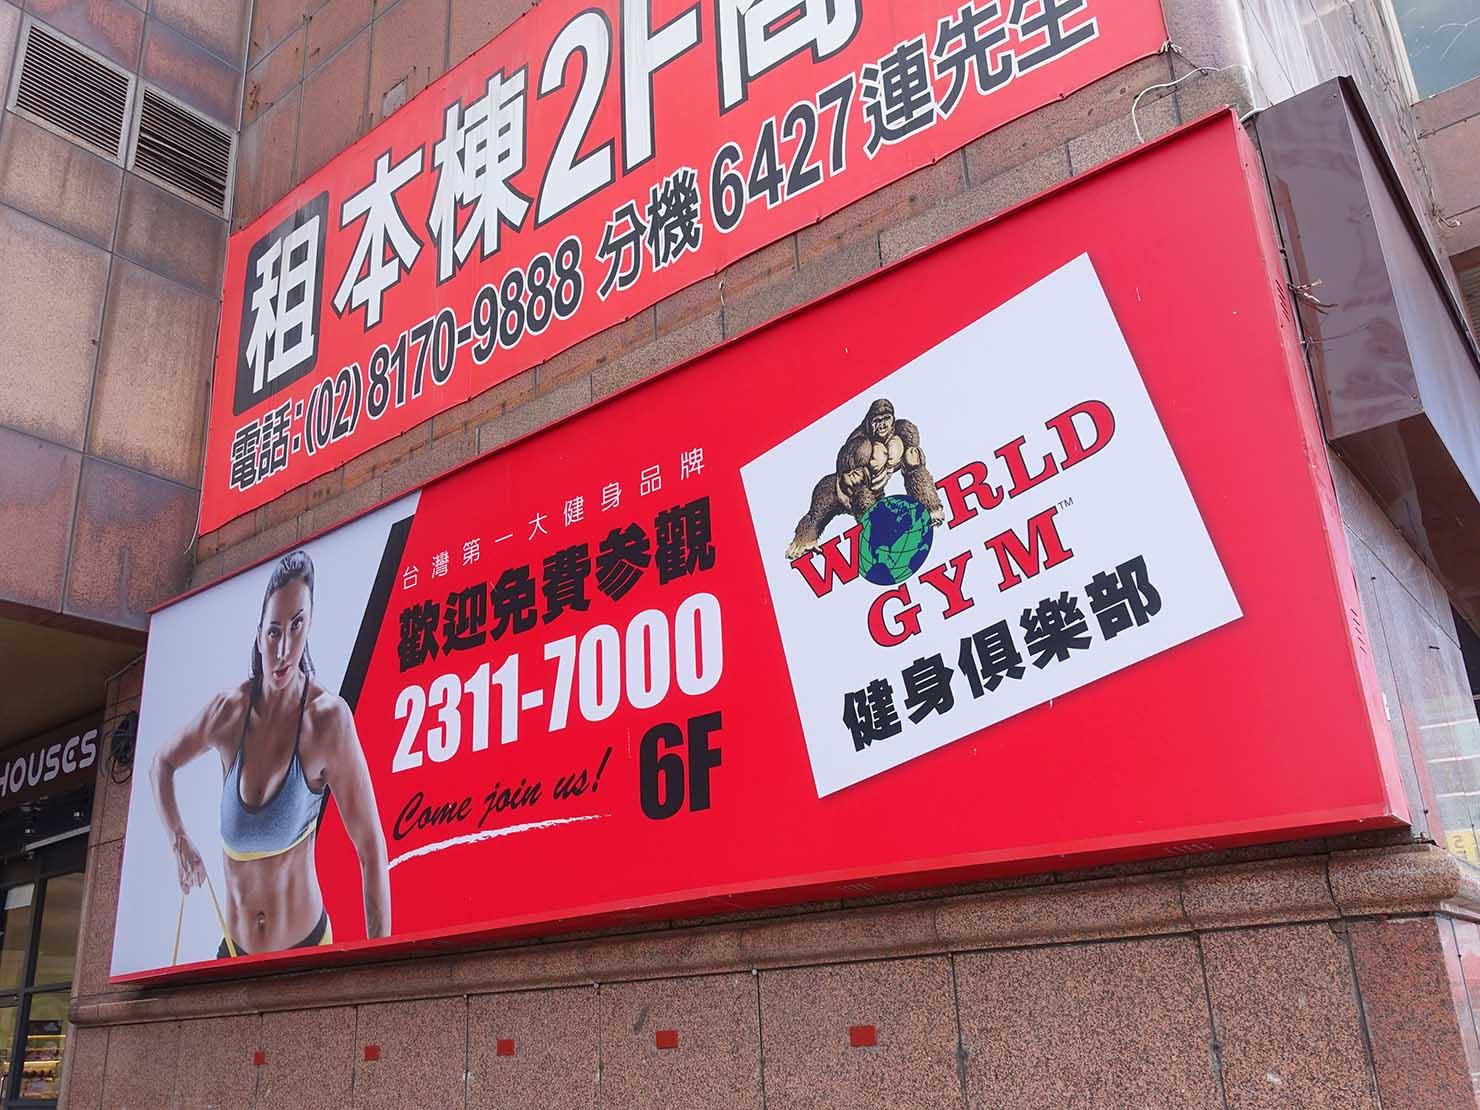 台湾のスポーツジム「World Gym」の看板